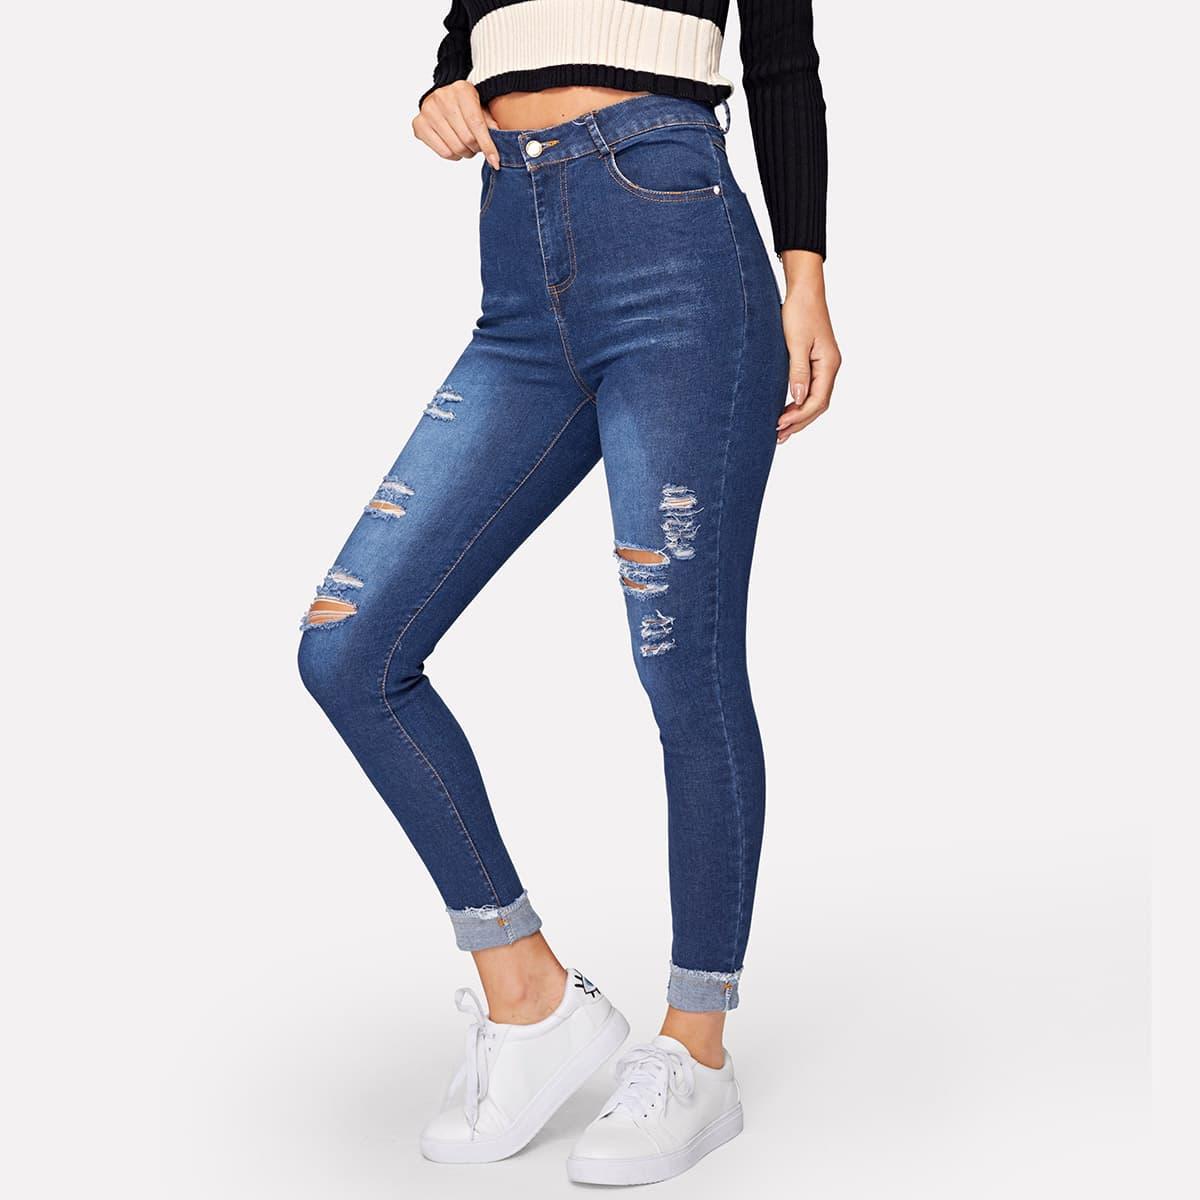 Однотонные рваные обтягивающие джинсы